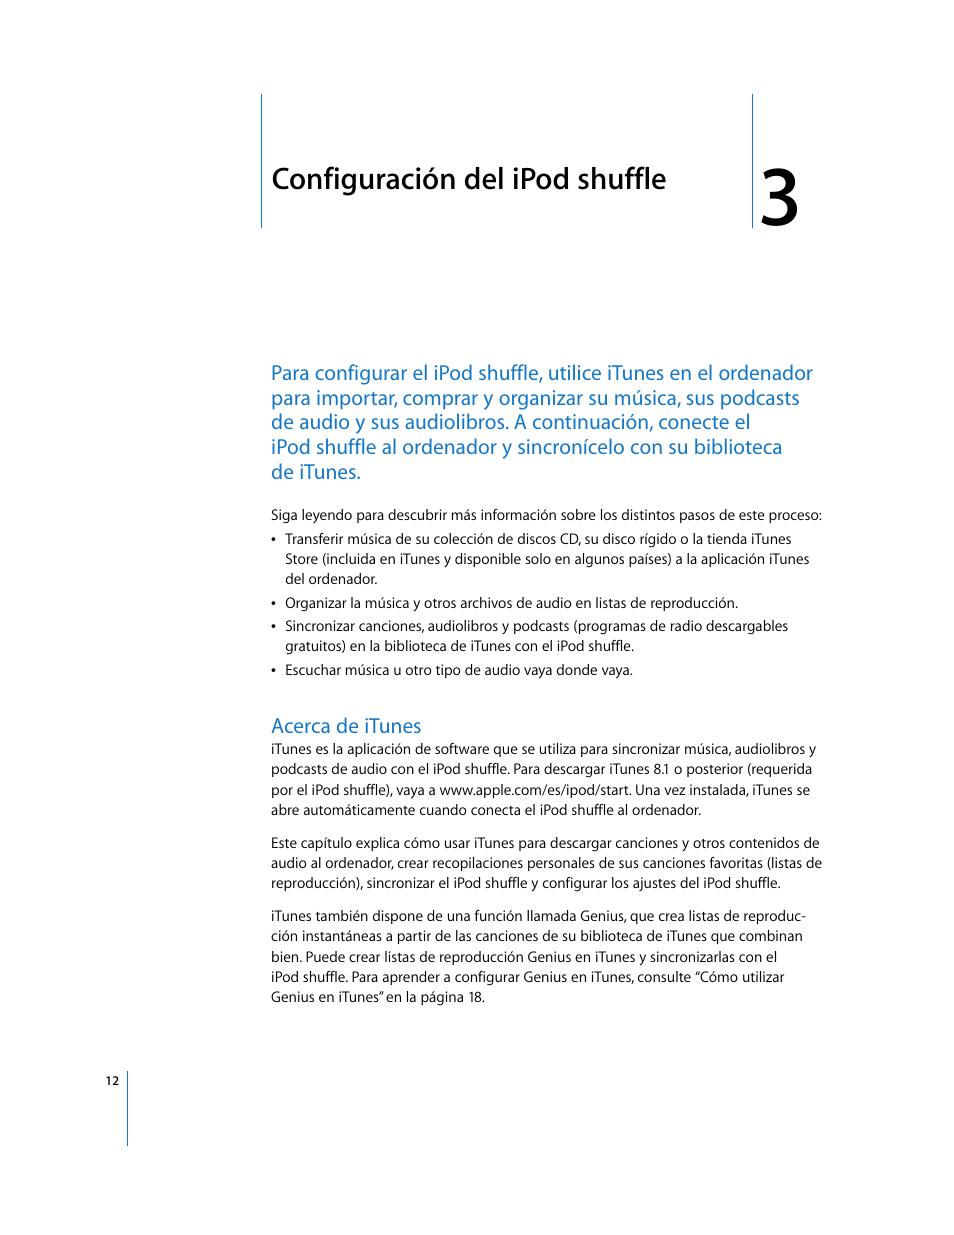 Configuración del ipod shuffle, Acerca de itunes   Apple iPod shuffle (tercera  generación)